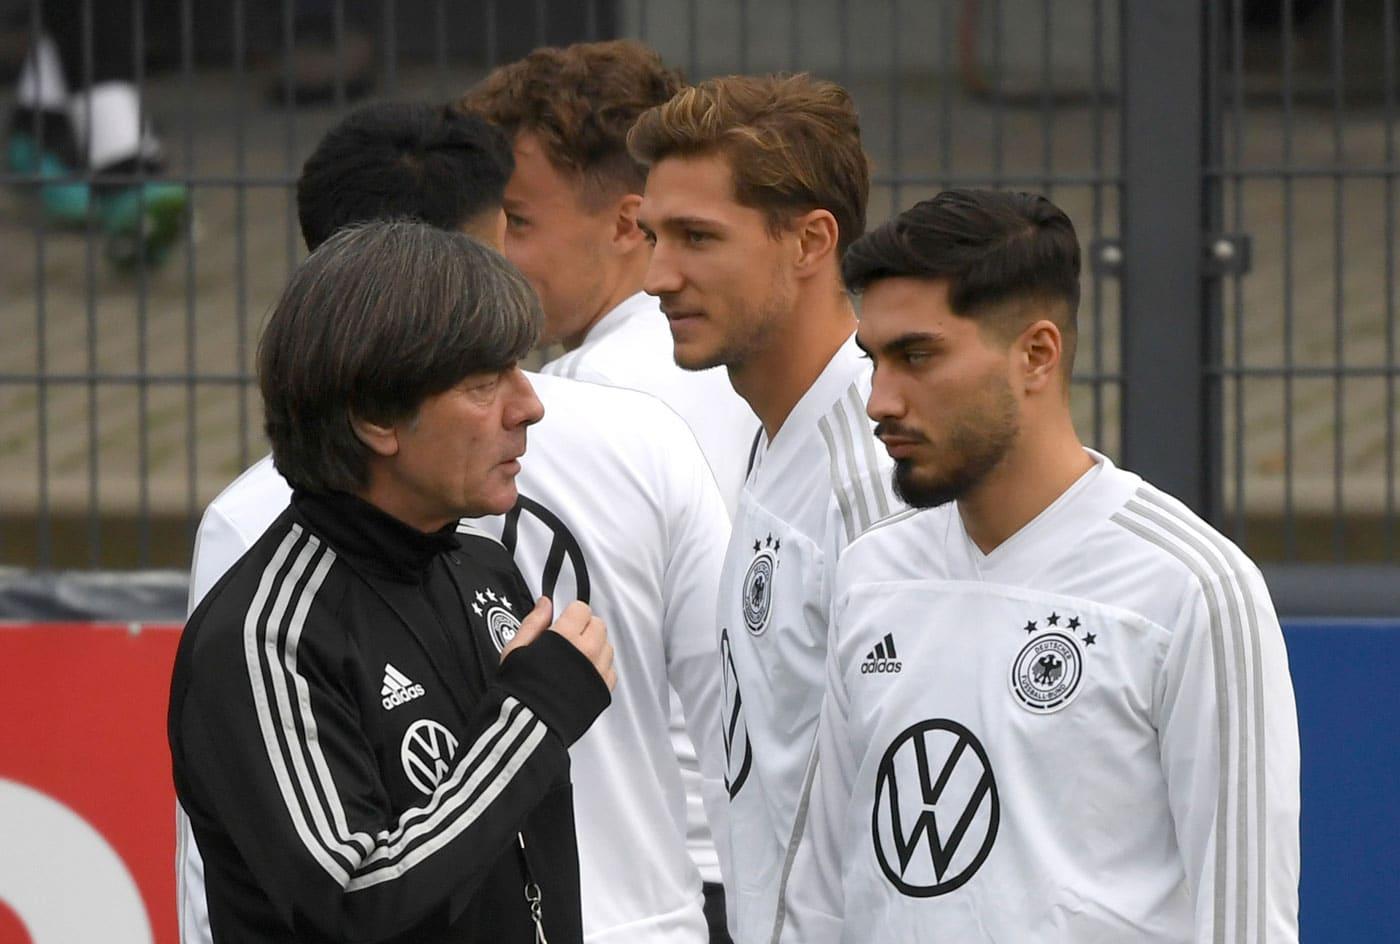 Suat Serdar (rechts) mit Bundestrainer Jogi Löw nach seiner 1.Berufung in die A-Nationalmannschaft im Oktober 2019. Ebenso zu sehen ist Niklas Stark (Mitte). (Foto Ina FASSBENDER / AFP)